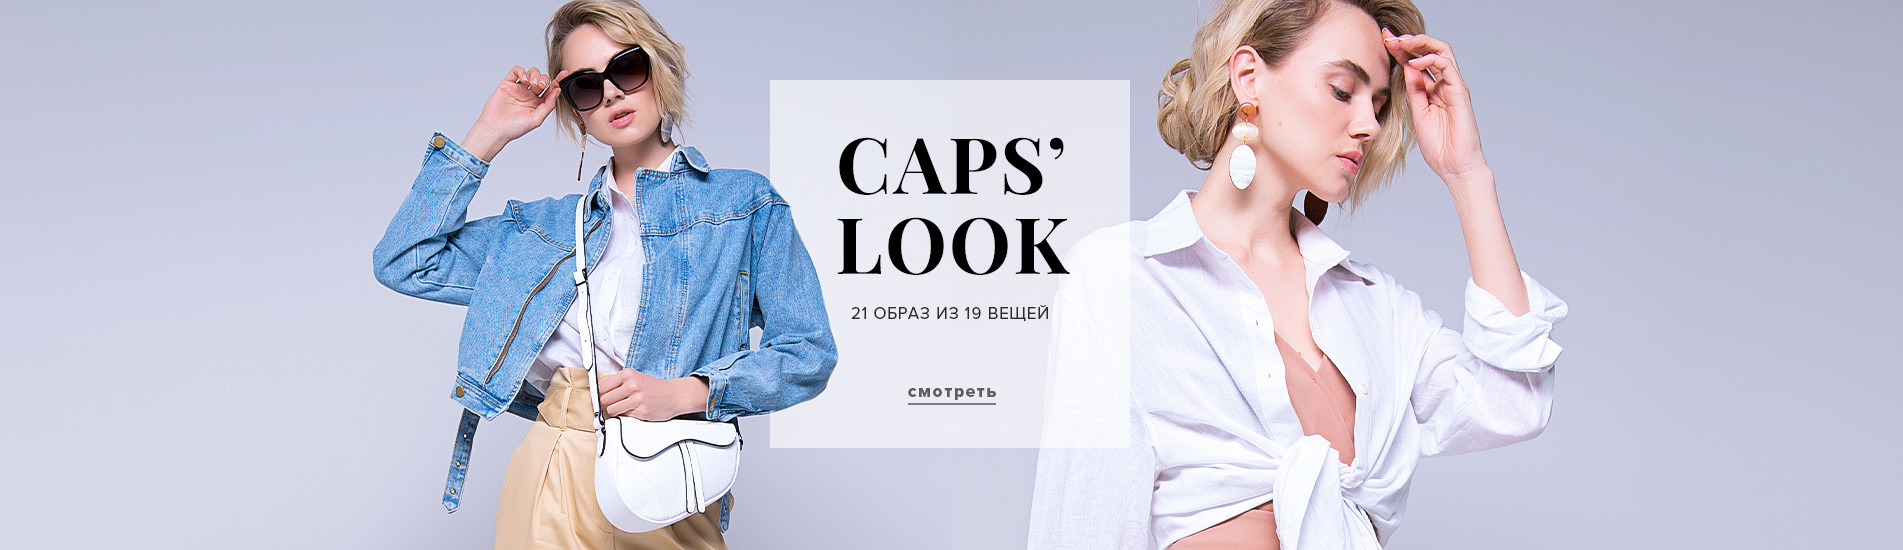 CAPS'LOOK